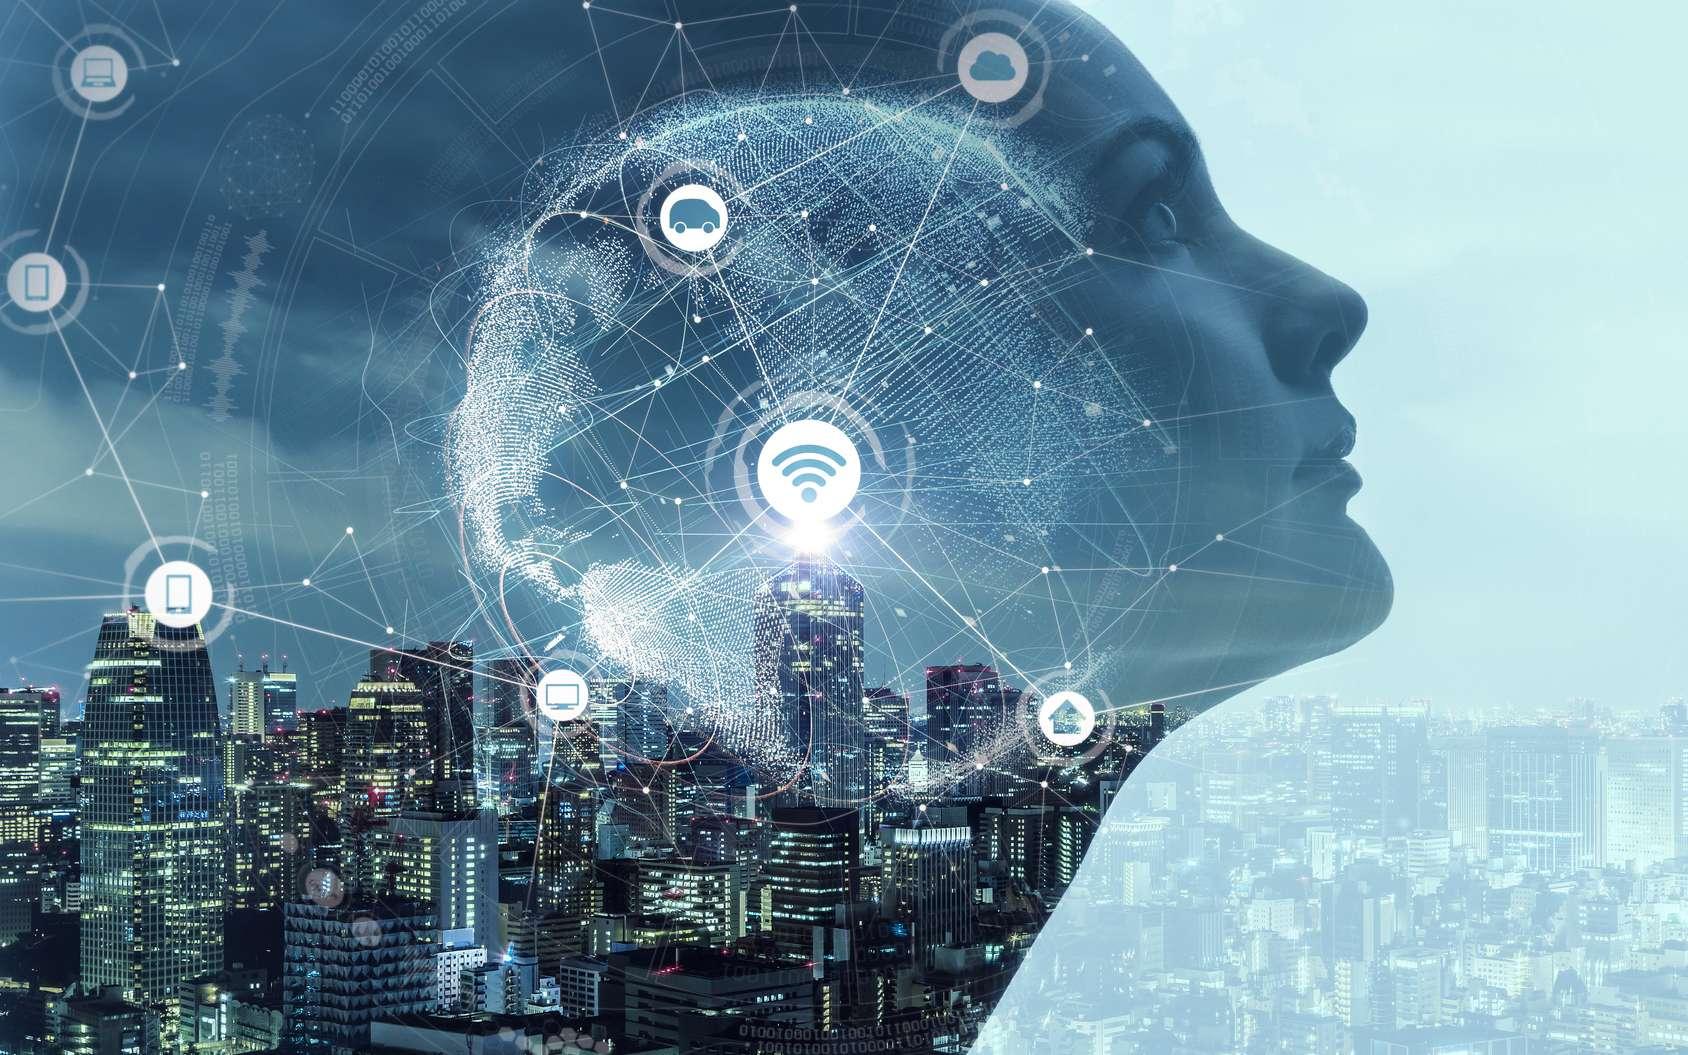 云阳大数据高新技术产业孵化园即将完成升级改造